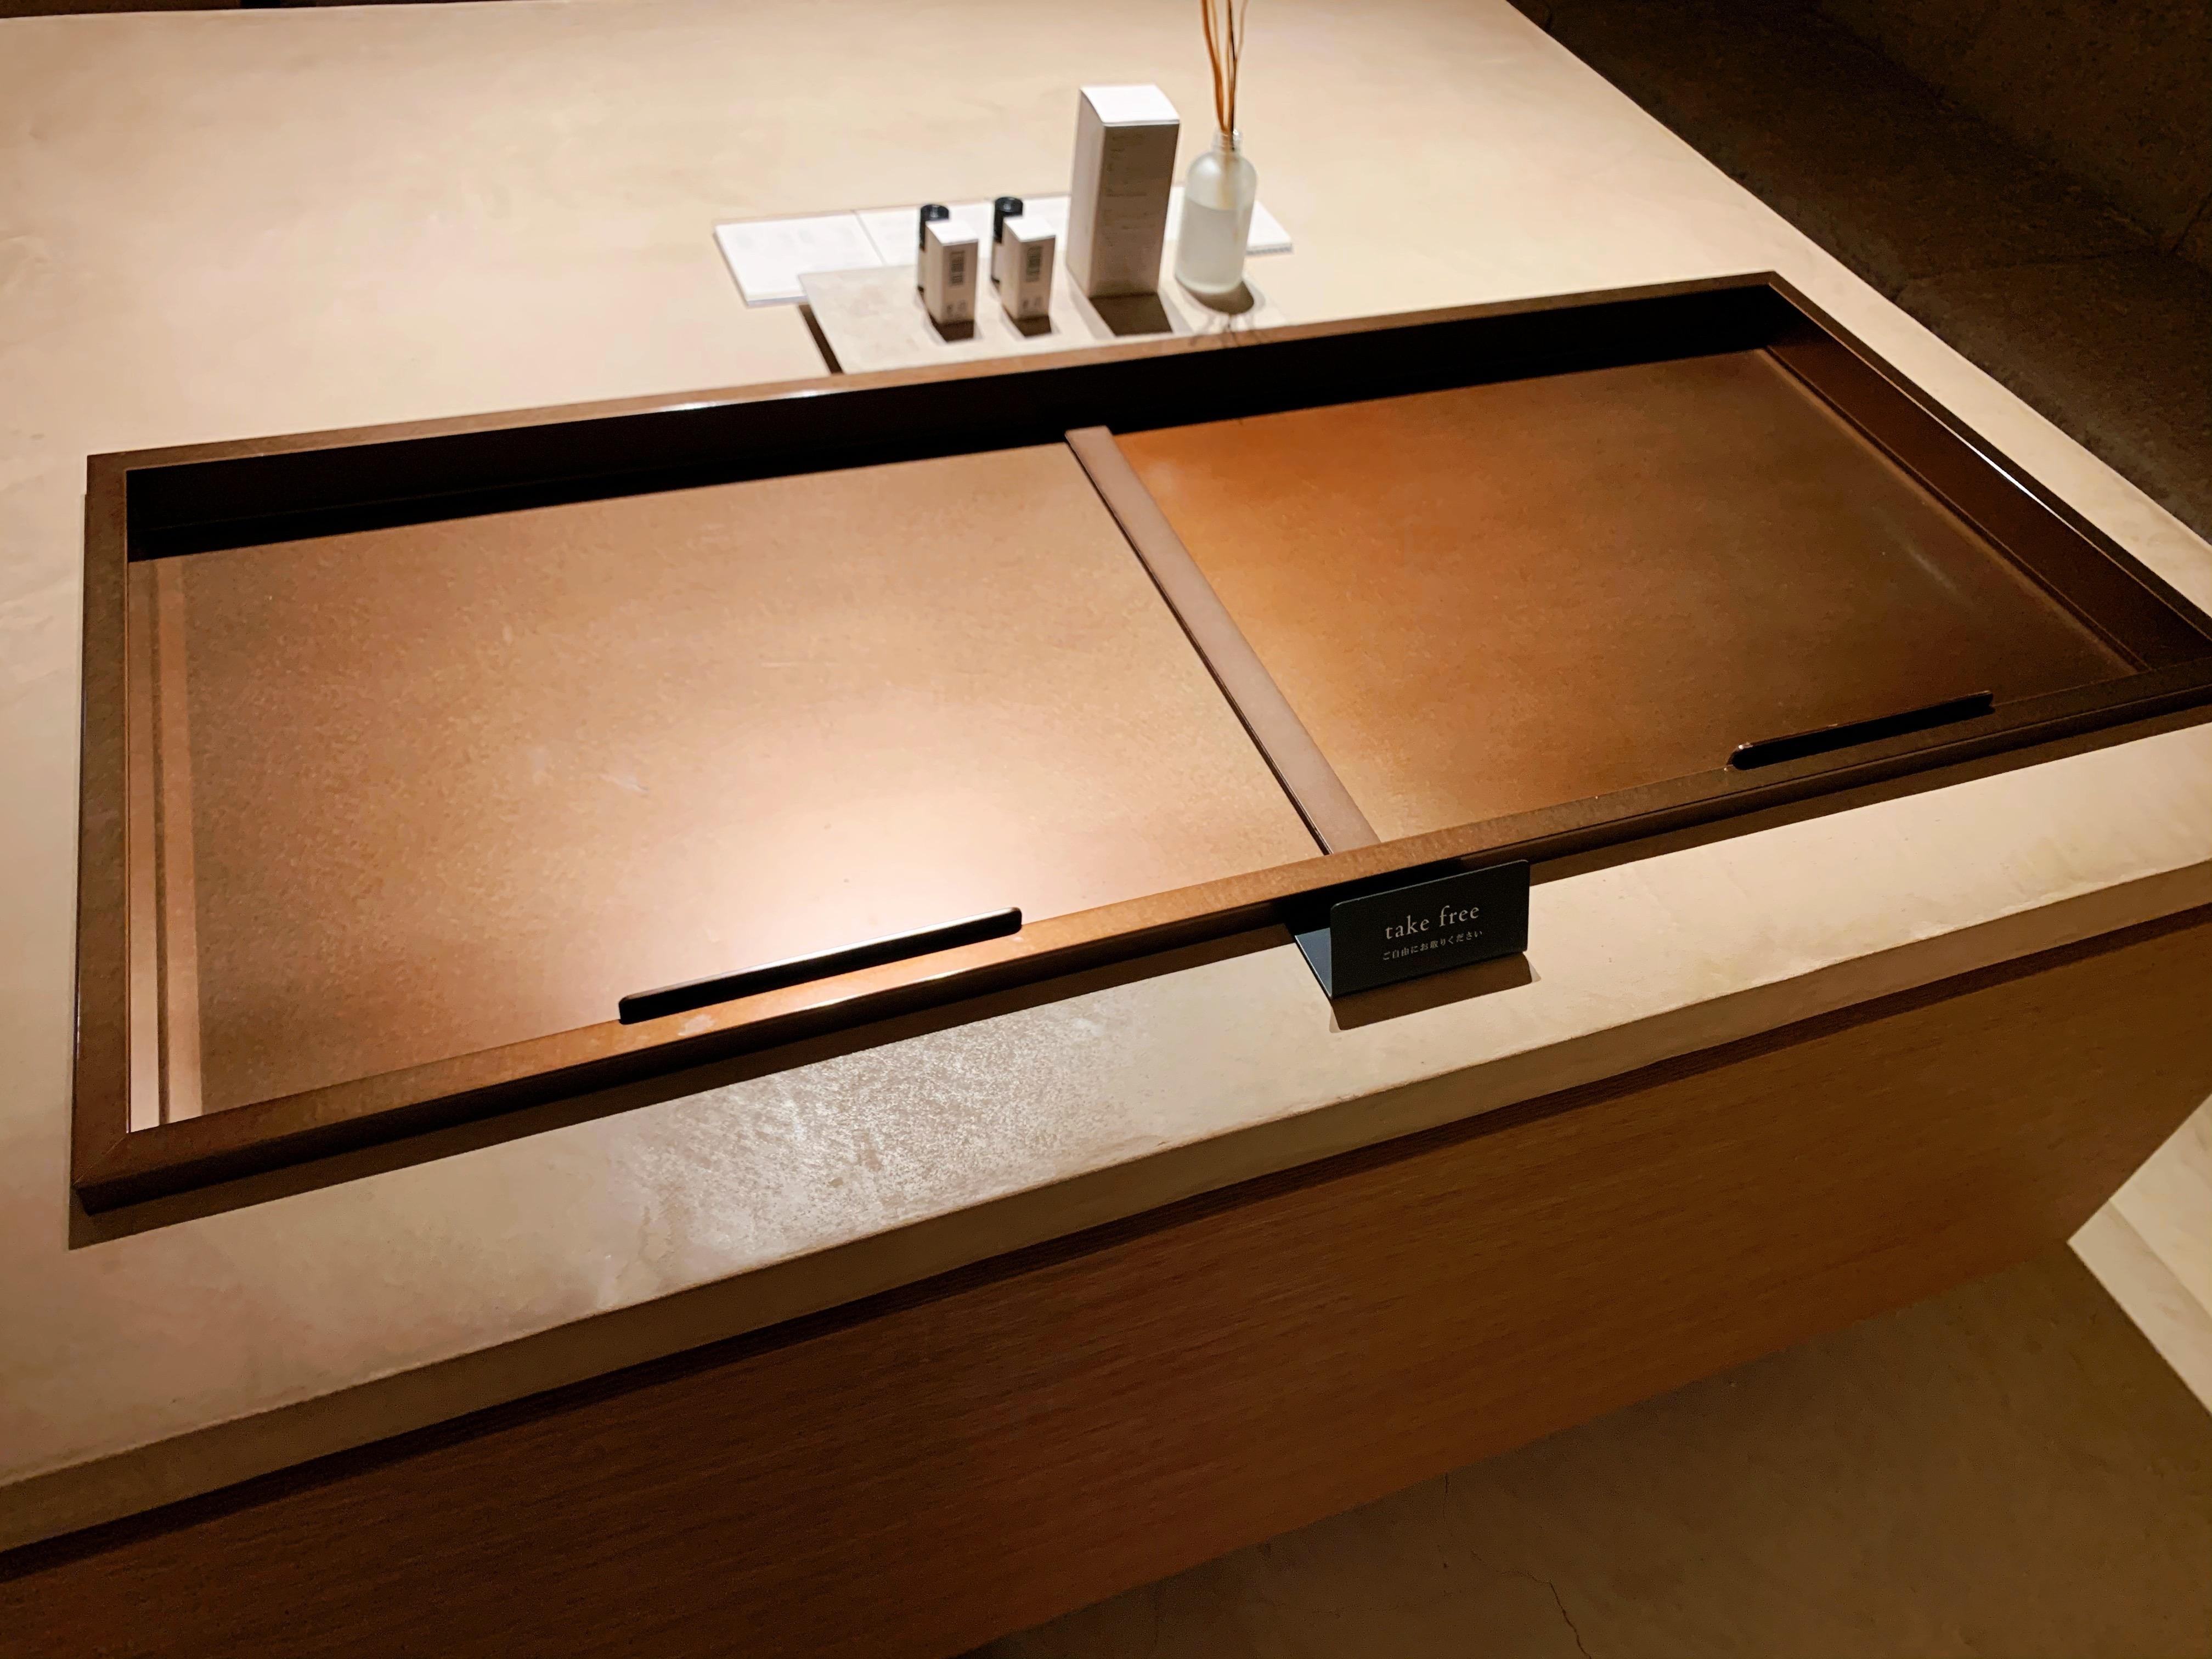 【なかなか予約が取れない!】東京に居ながらにして《箱根の温泉を楽しめる人気スポット》に行ってきた♡_10